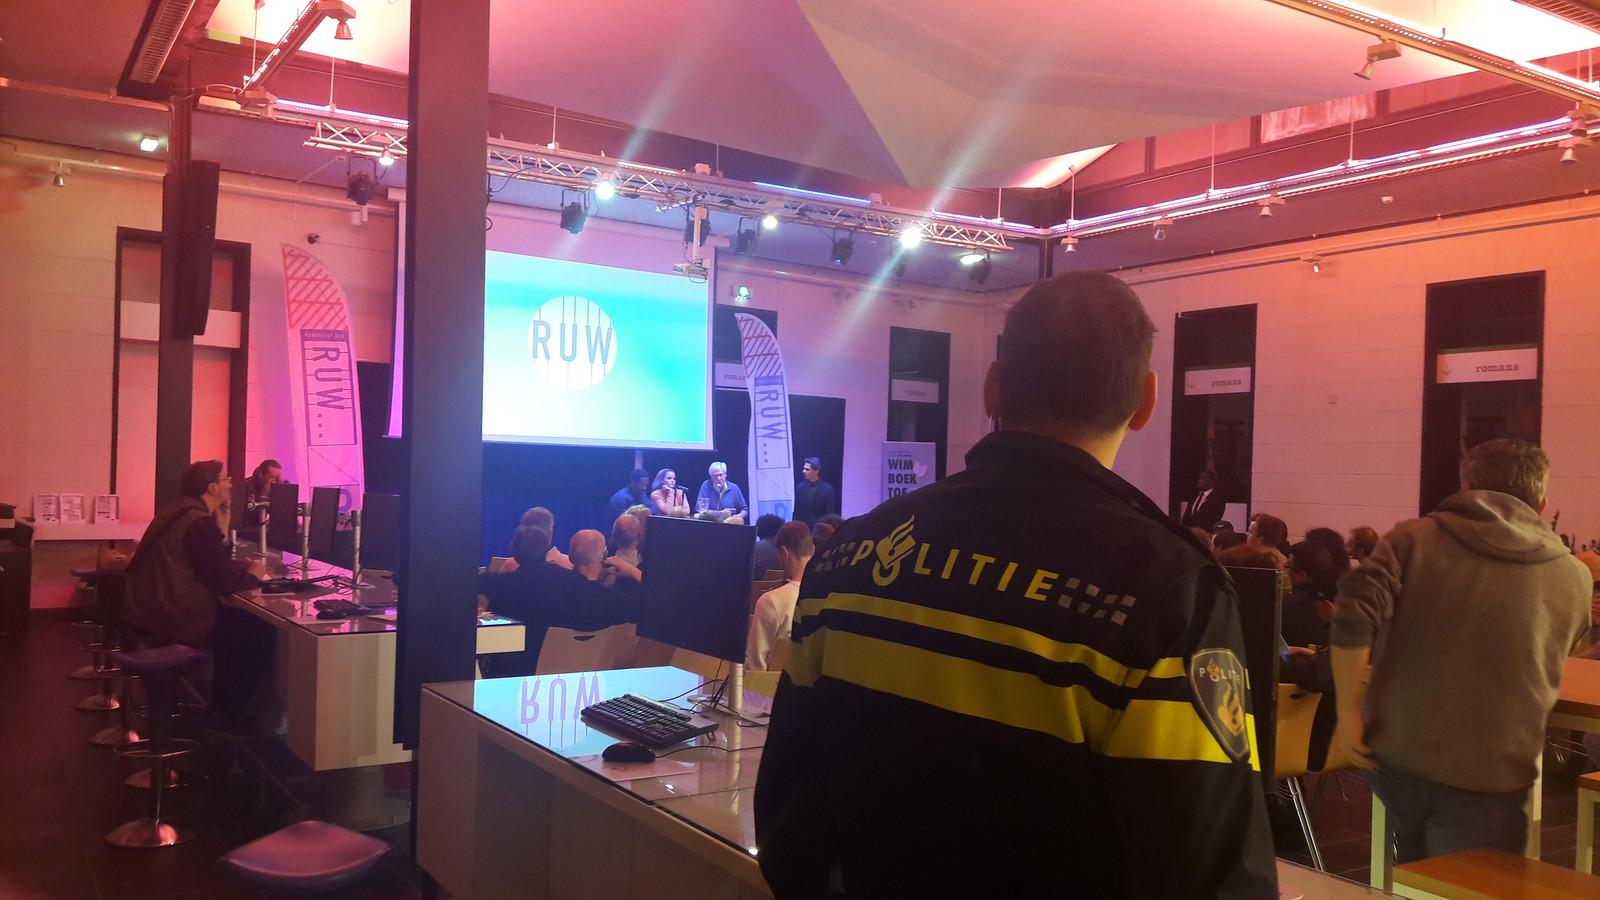 Ruw debat in de bibliotheek in Den Bosch